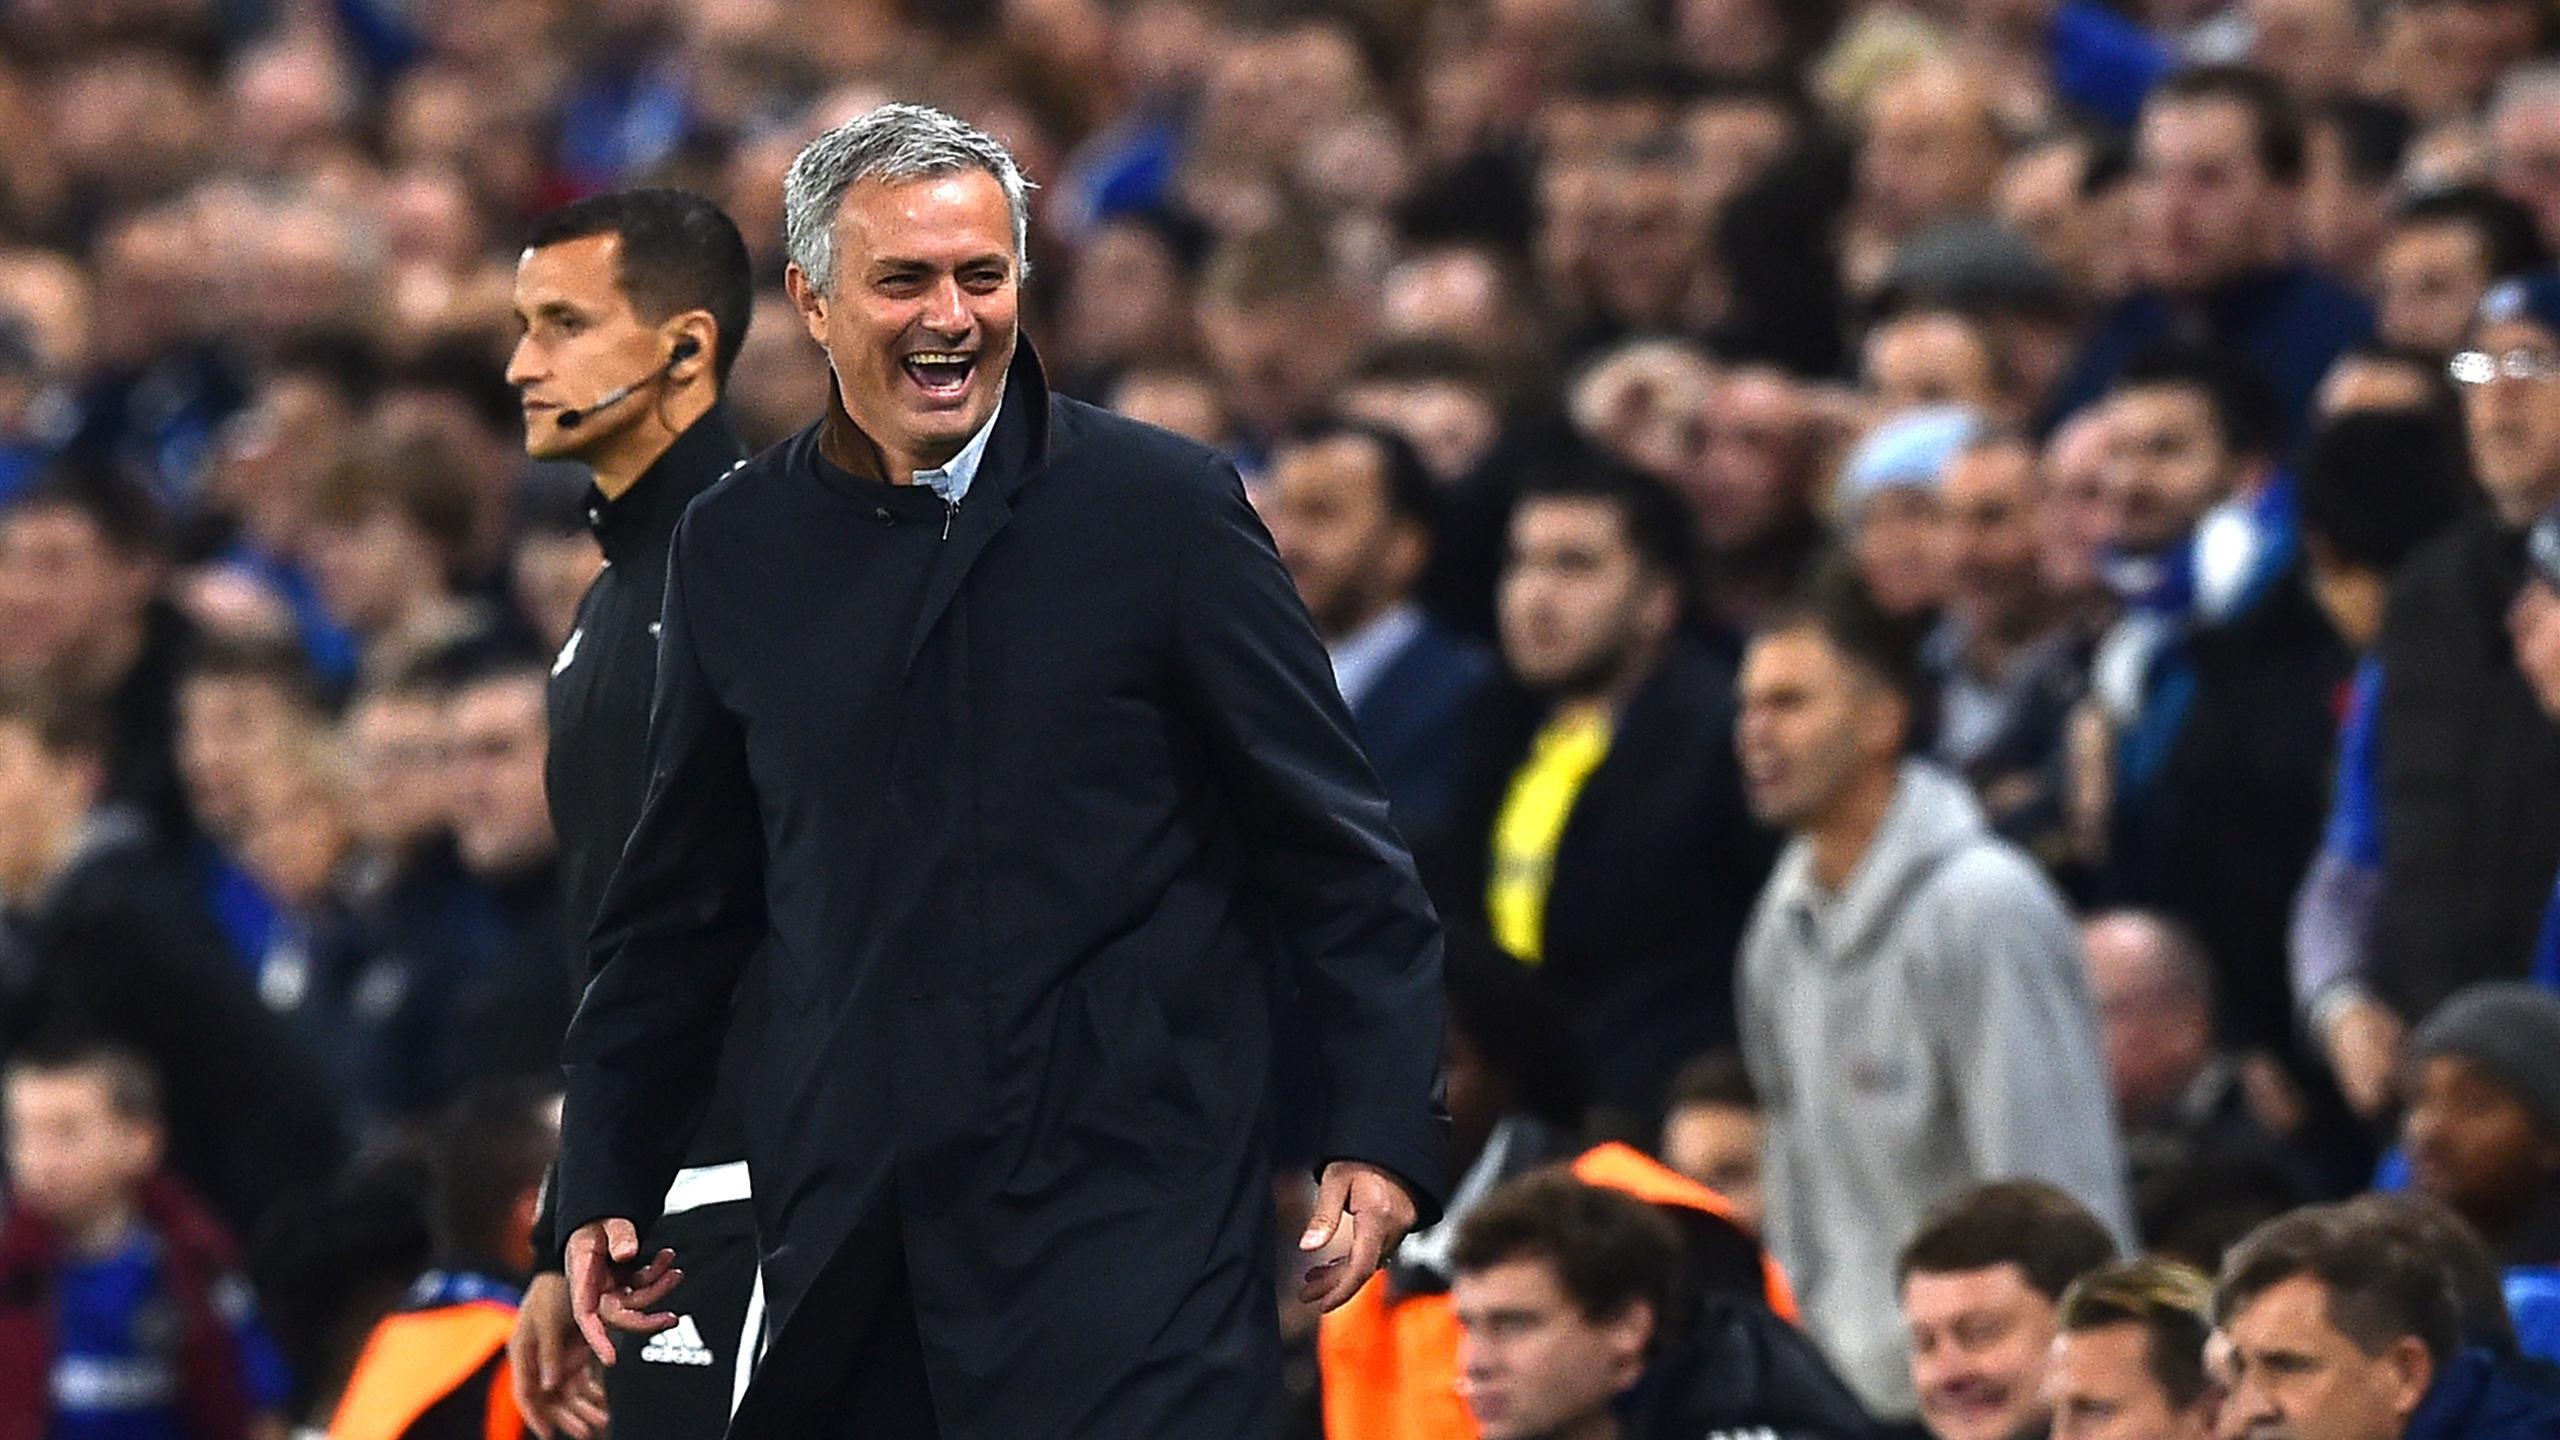 José Mourinho, le manager des Blues, lors de Chelsea - Dynamo Kiev en Ligue des champions